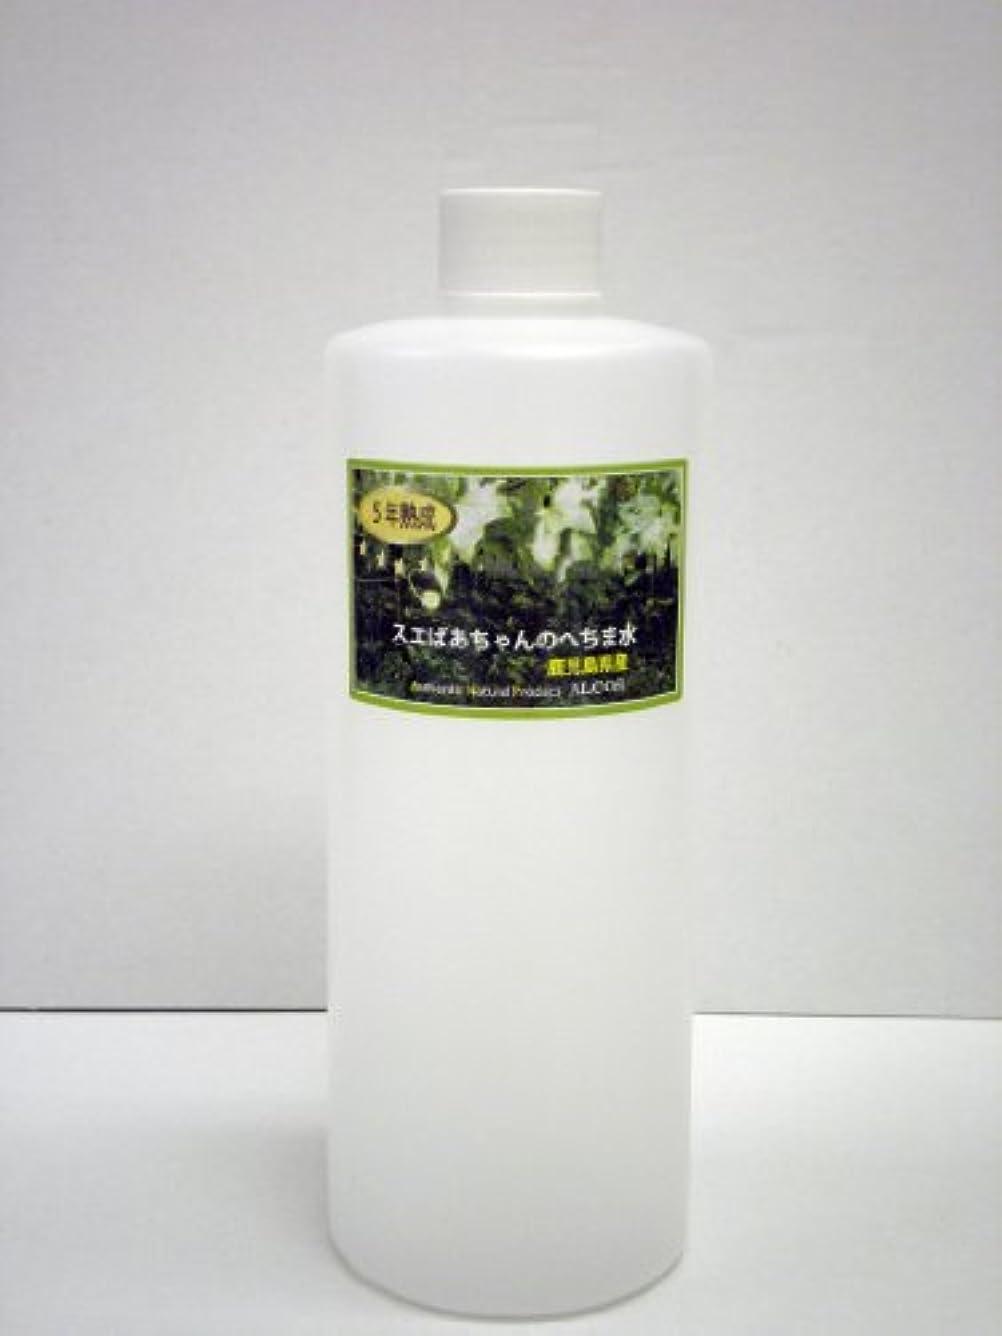 火山学者機知に富んだ小包5年熟成スエばあちゃんのへちま水(容量500ml)鹿児島県産?有機栽培(無農薬) ※完全無添加オーガニックヘチマ水100% ※商品のラベルはスエばあちゃんのへちま畑の写真です。ALCOS(アルコス) 天然水ヘチマ [5年...